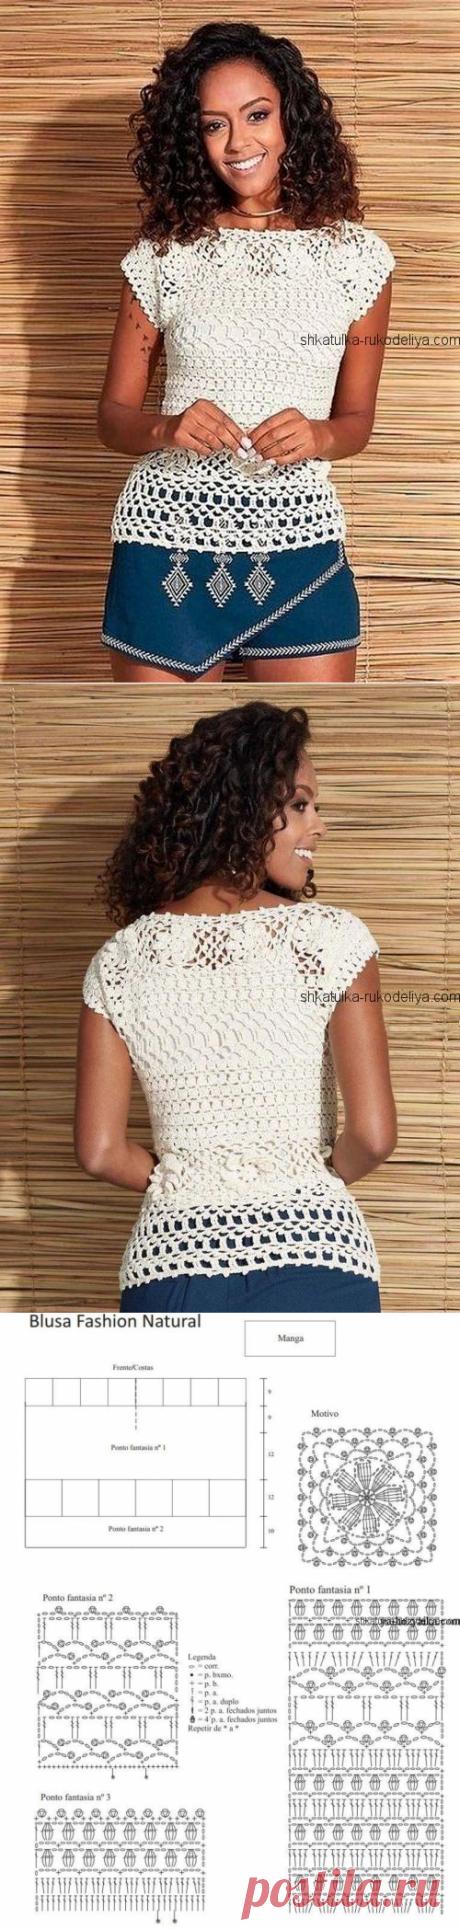 Белая блуза крючком с мотивами. Вязание крючком летних кофточек схемы бесплатно   Шкатулка рукоделия. Сайт для рукодельниц.